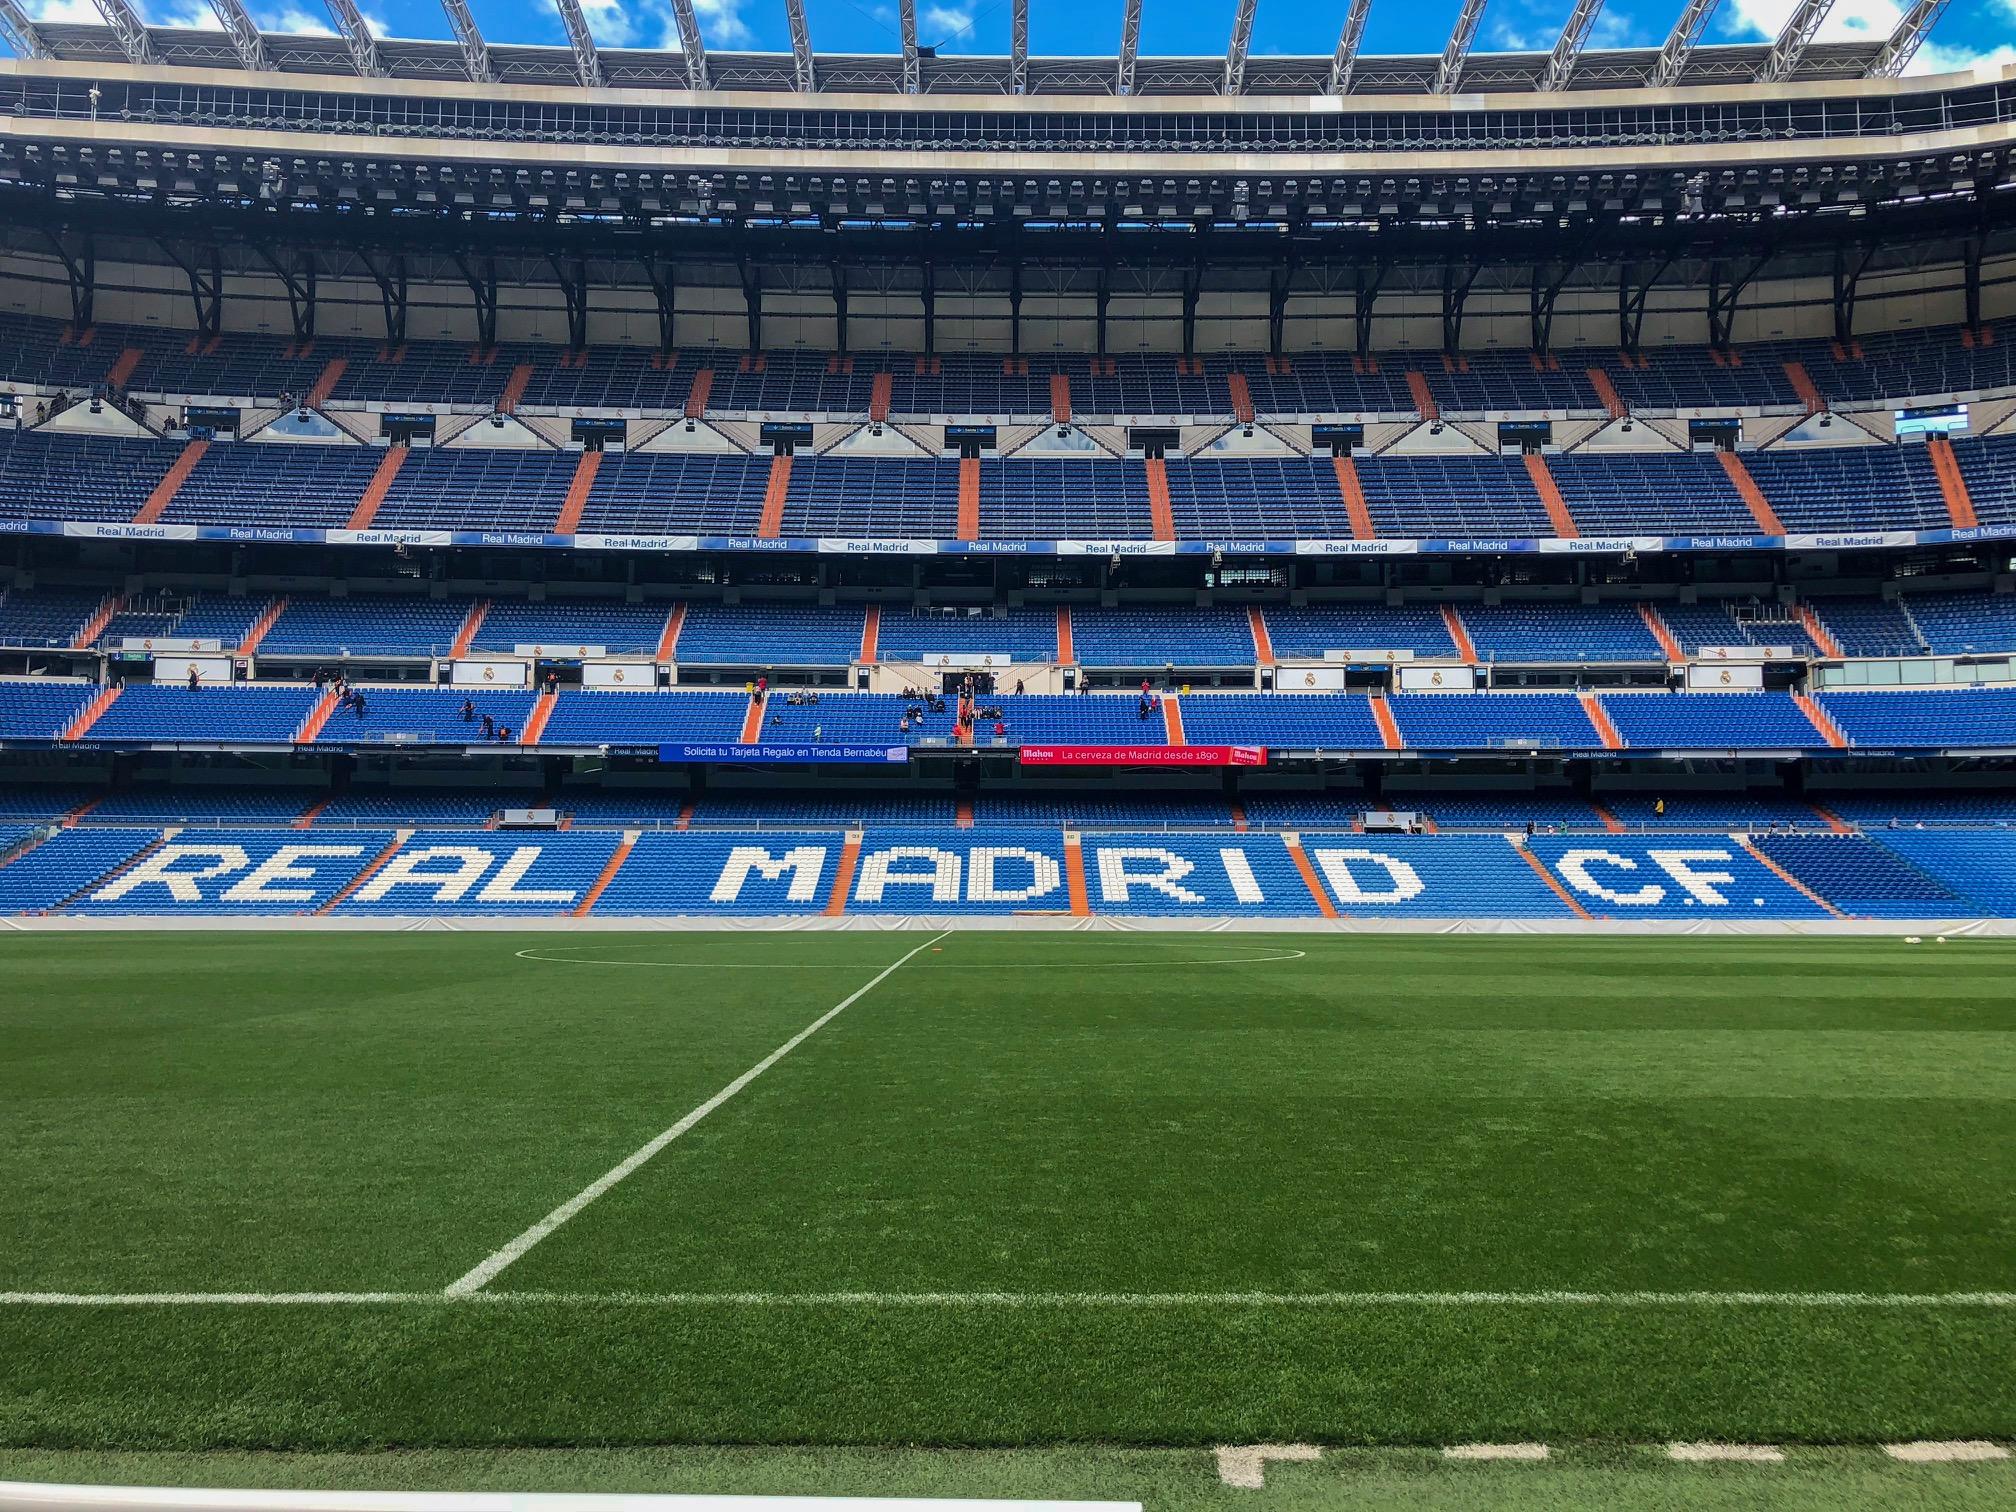 Real Madrid - Madrid, Spain - Santiago Bernabeu Stadium